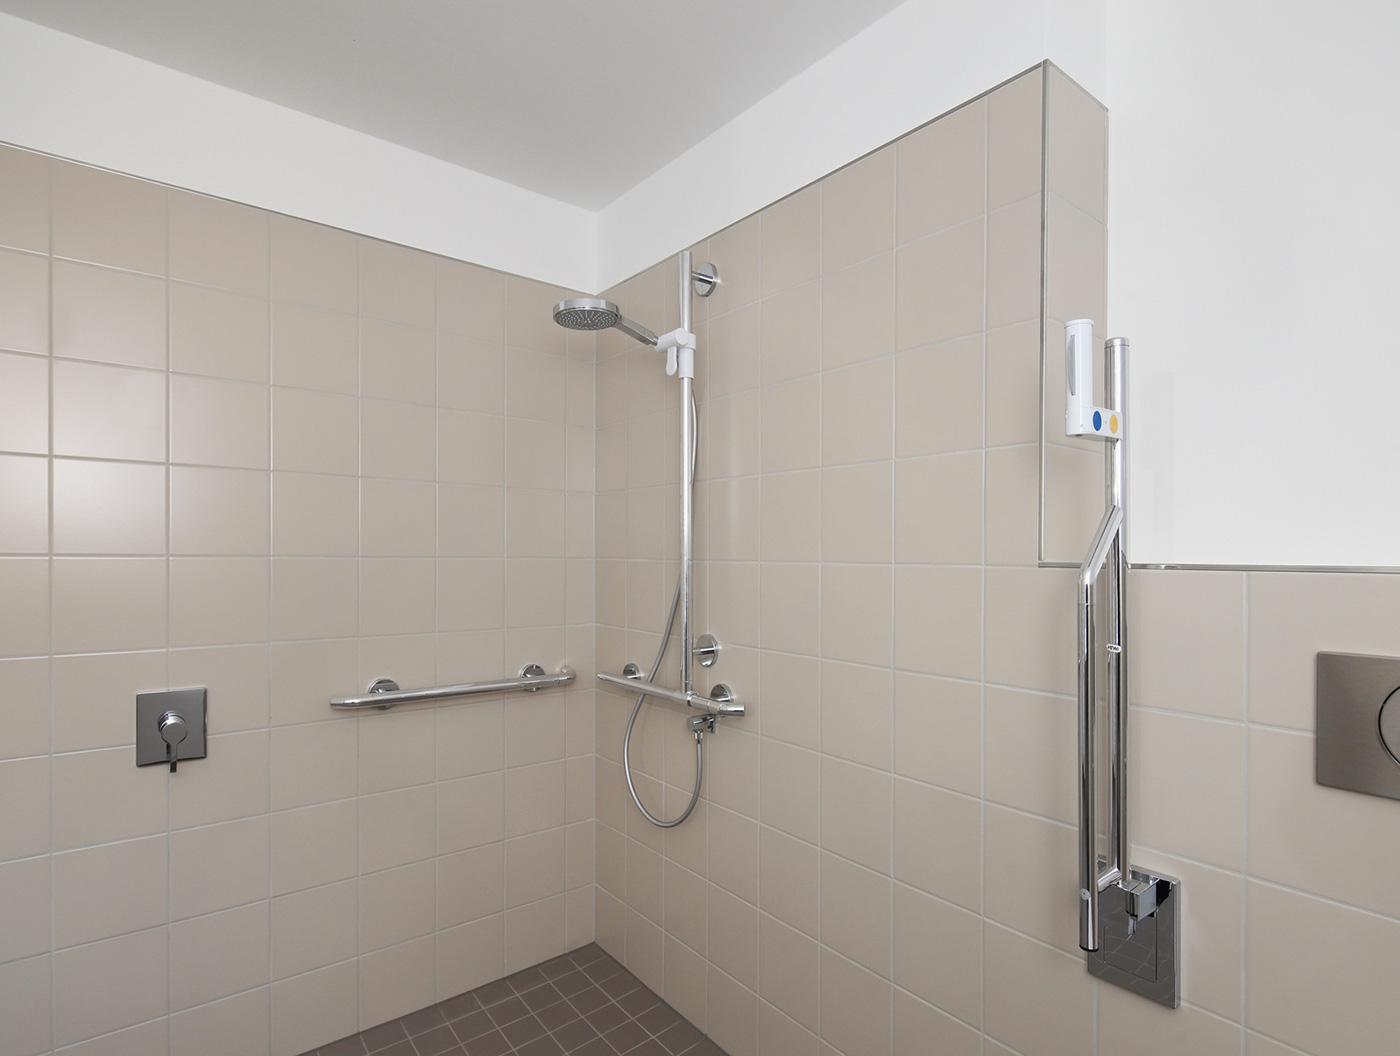 Full Size of Begehbare Duschen Kaufen Sprinz Dusche Fliesen Schulte Hsk Hüppe Moderne Bodengleiche Werksverkauf Ohne Tür Breuer Dusche Begehbare Duschen